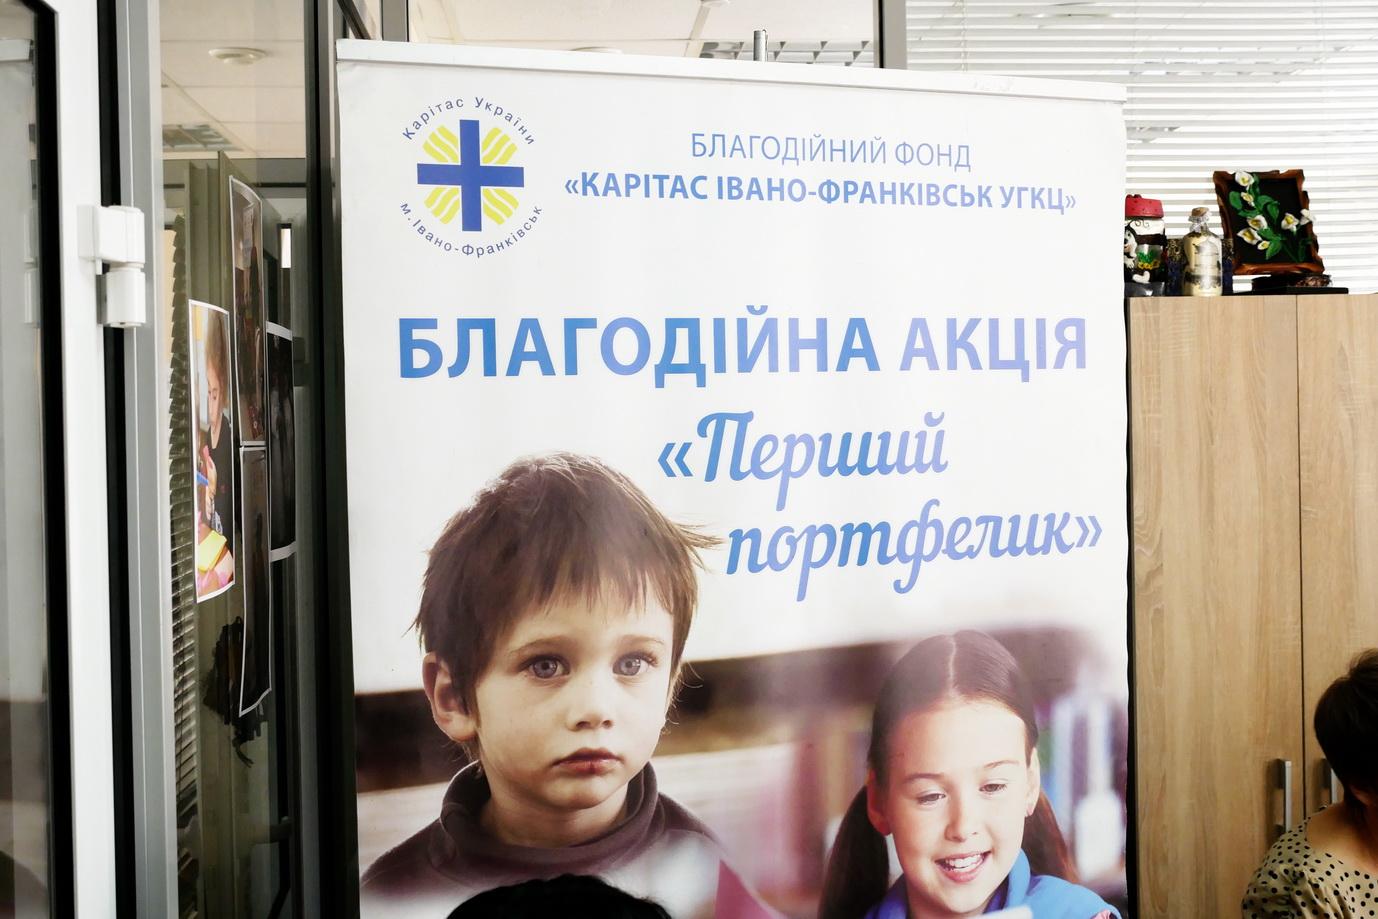 """У Франківську """"Карітас"""" збирає кошти на портфелики для дітей з малозабезпечених сімей 8"""